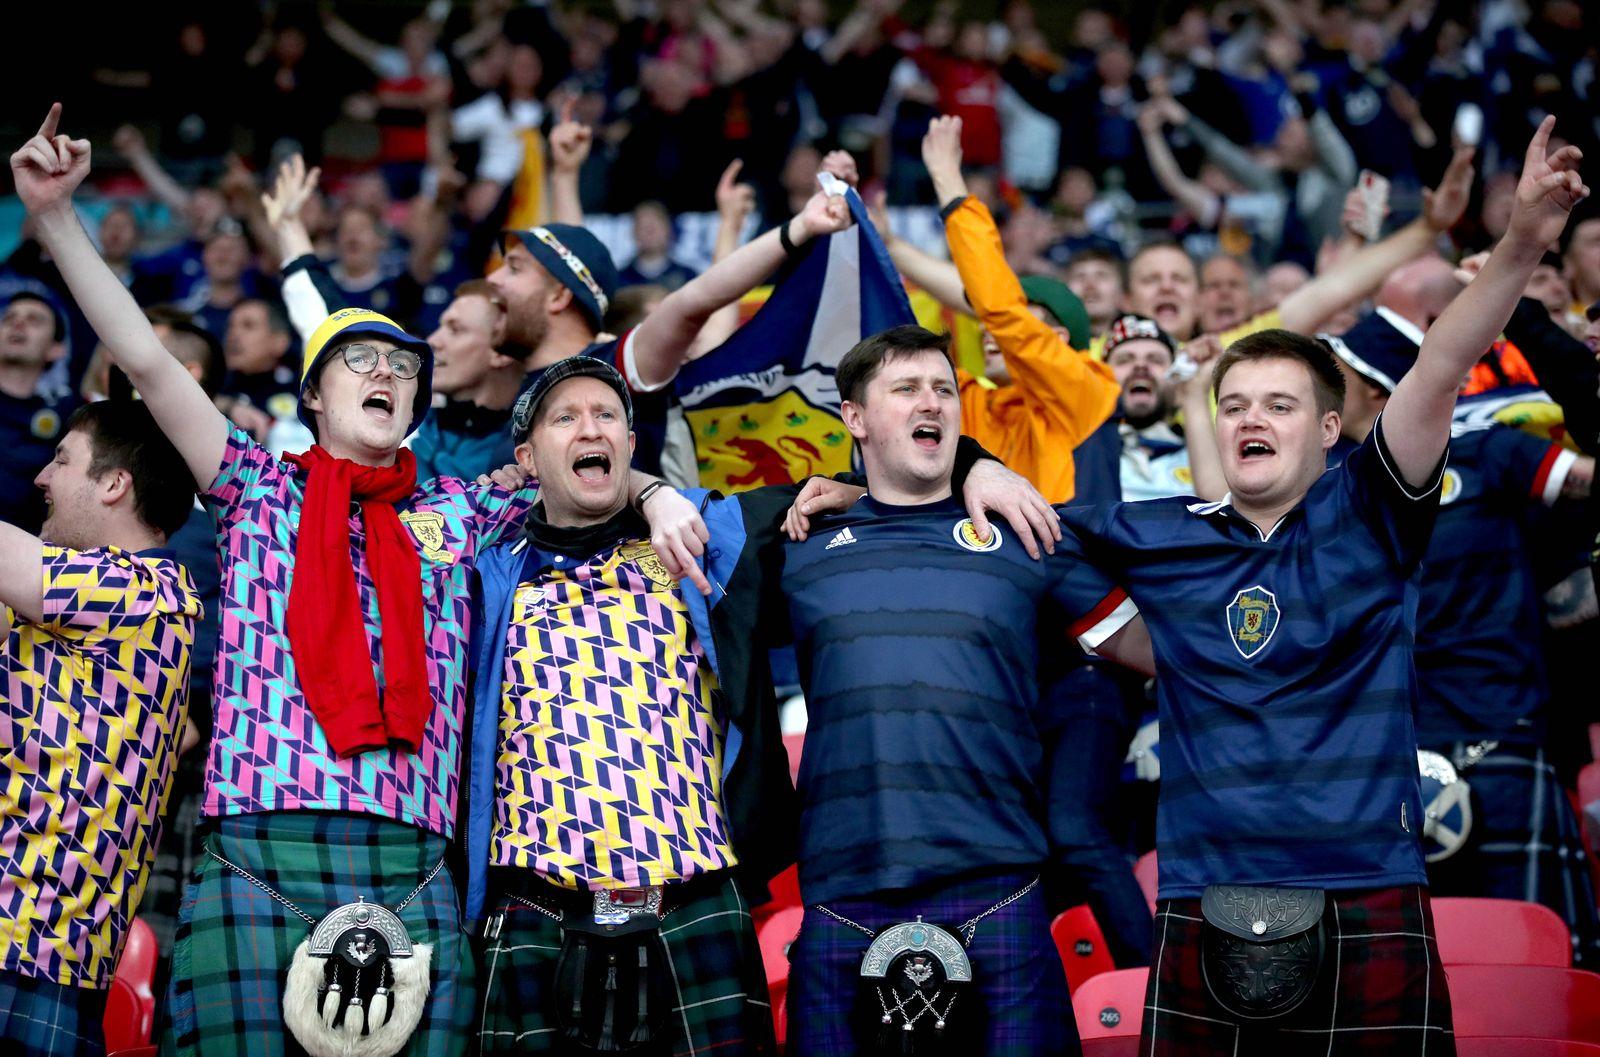 England v Scotland - UEFA EURO, EM, Europameisterschaft,Fussball 2020 - Group D - Wembley Stadium Scotland fans sing the